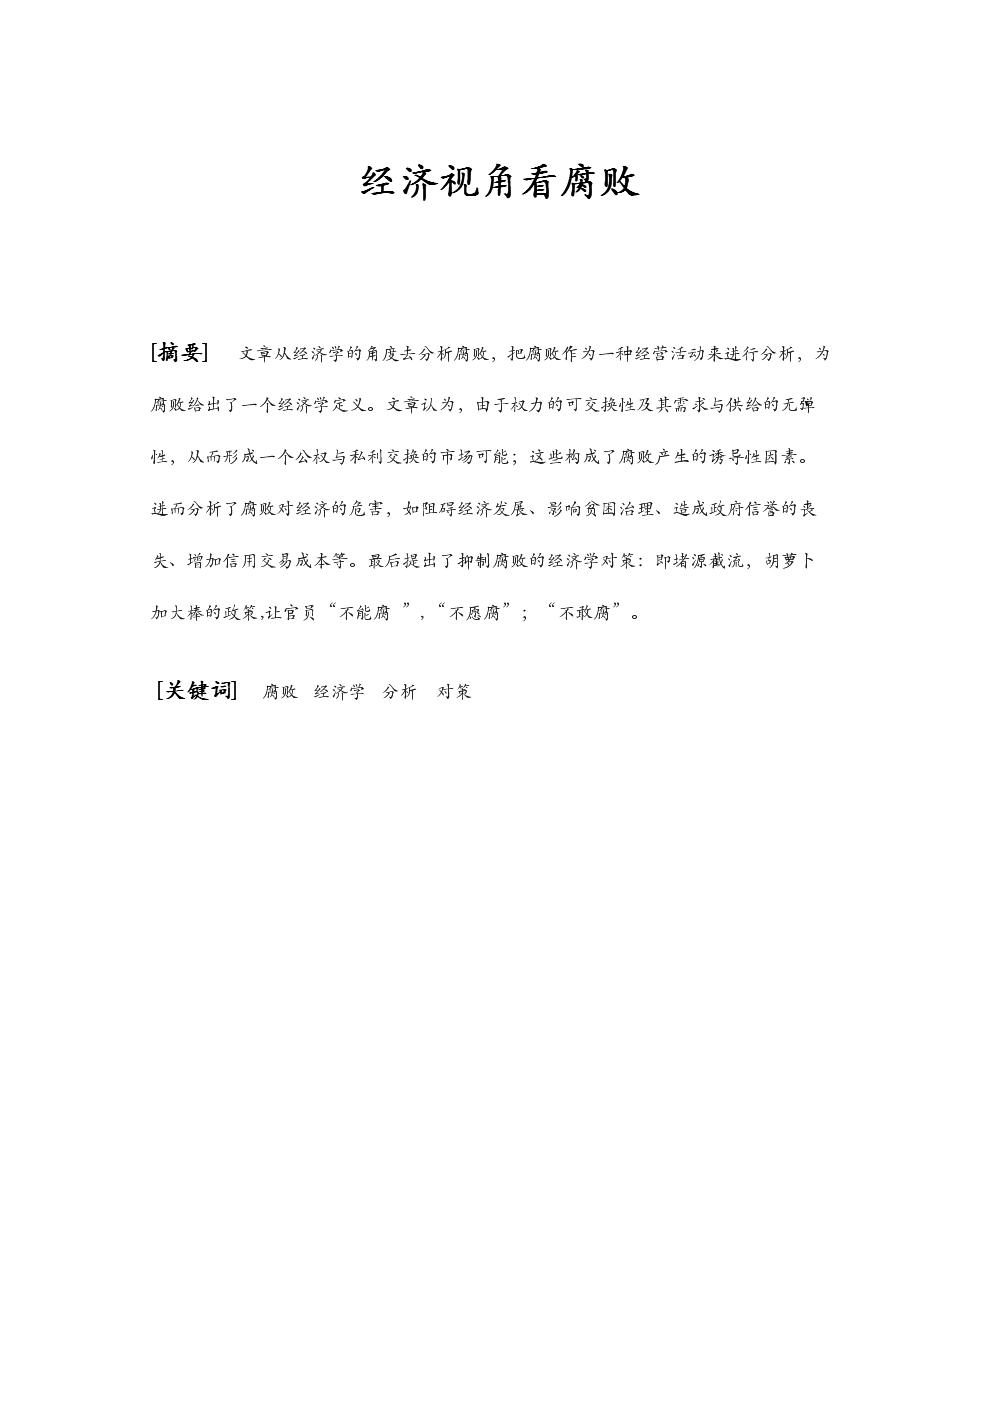 【經濟學小論文】經濟視角看腐敗.doc